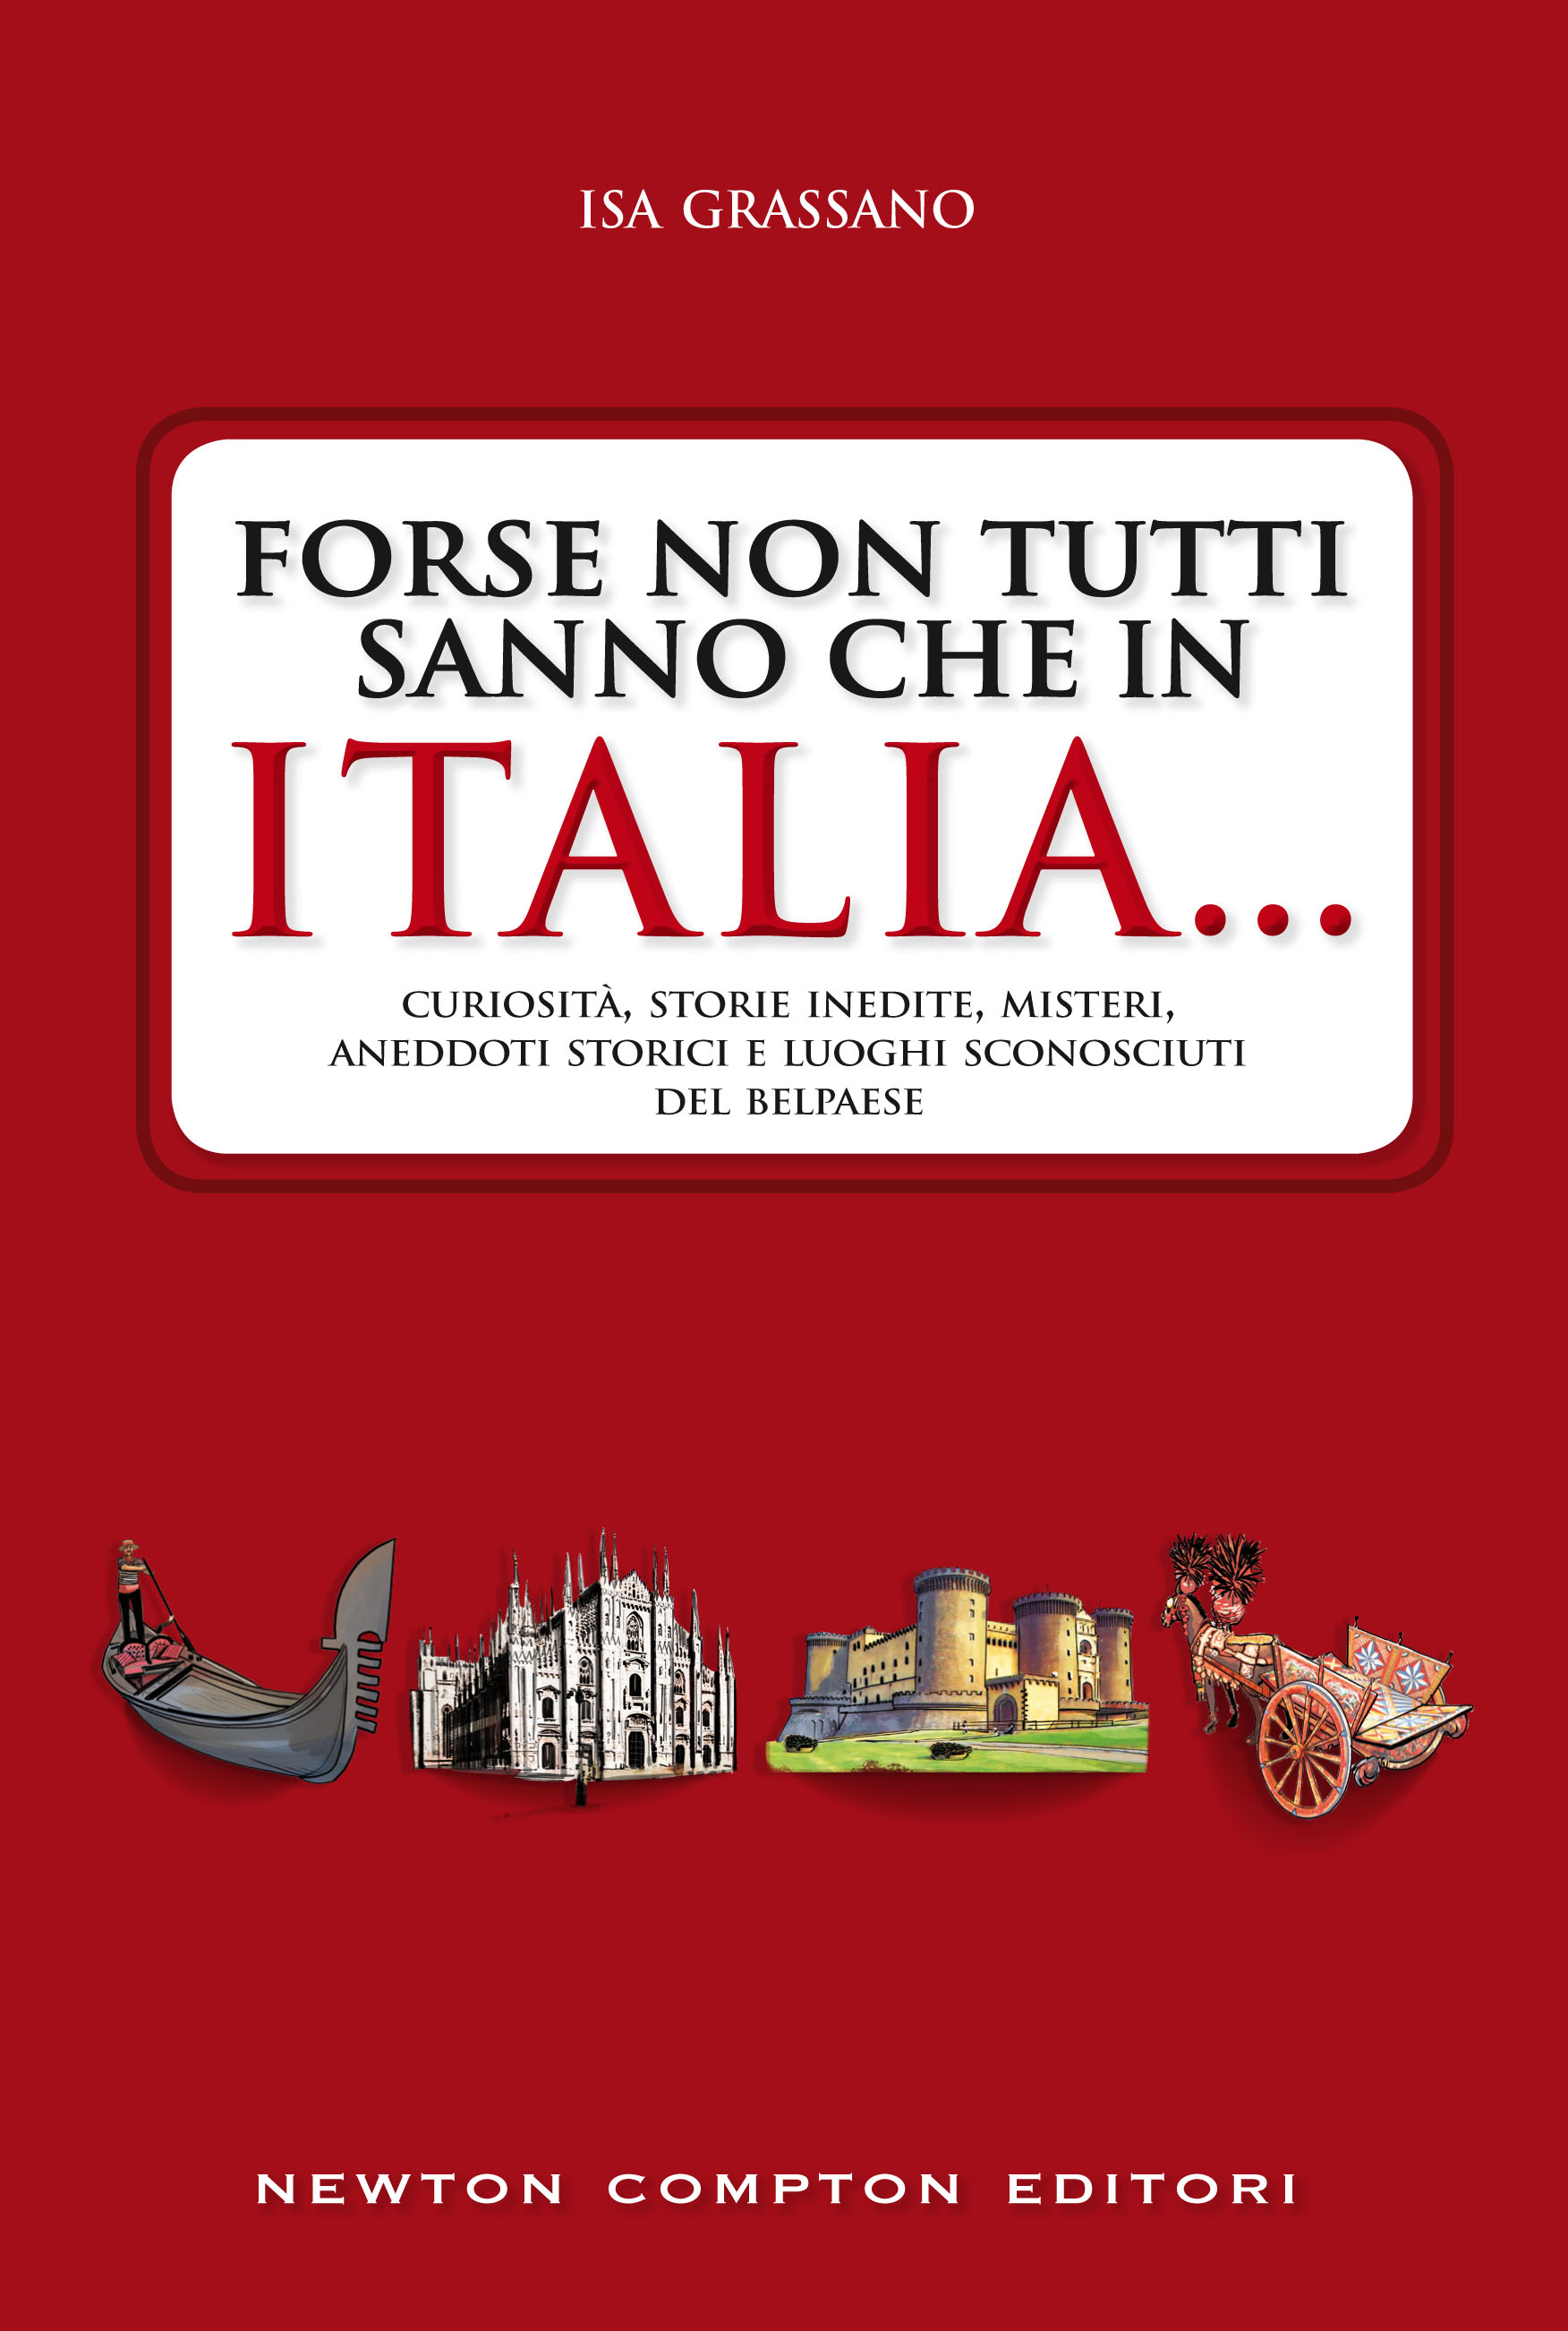 Forse non tutti sanno che in ITALIA